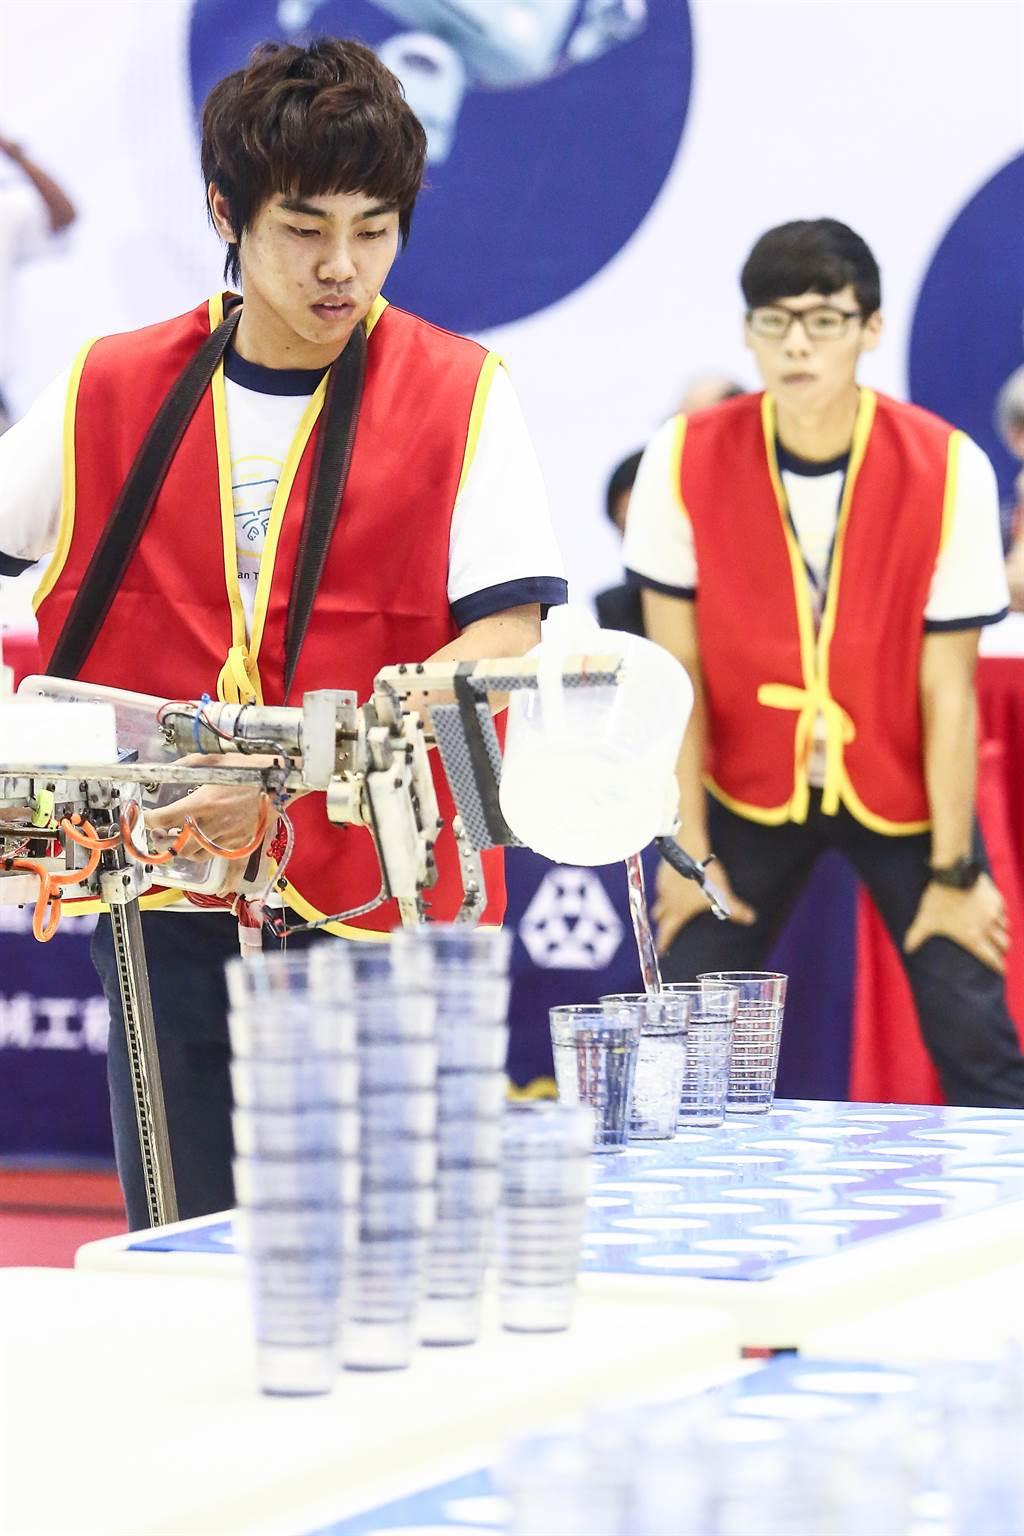 第20屆TDK盃機器人競賽16日舉辦決賽,冠軍賽則由南榮科技大學的「海霸王」隊一路領先,最終成功放好4個水杯,拿下冠軍。(鄧博仁攝)